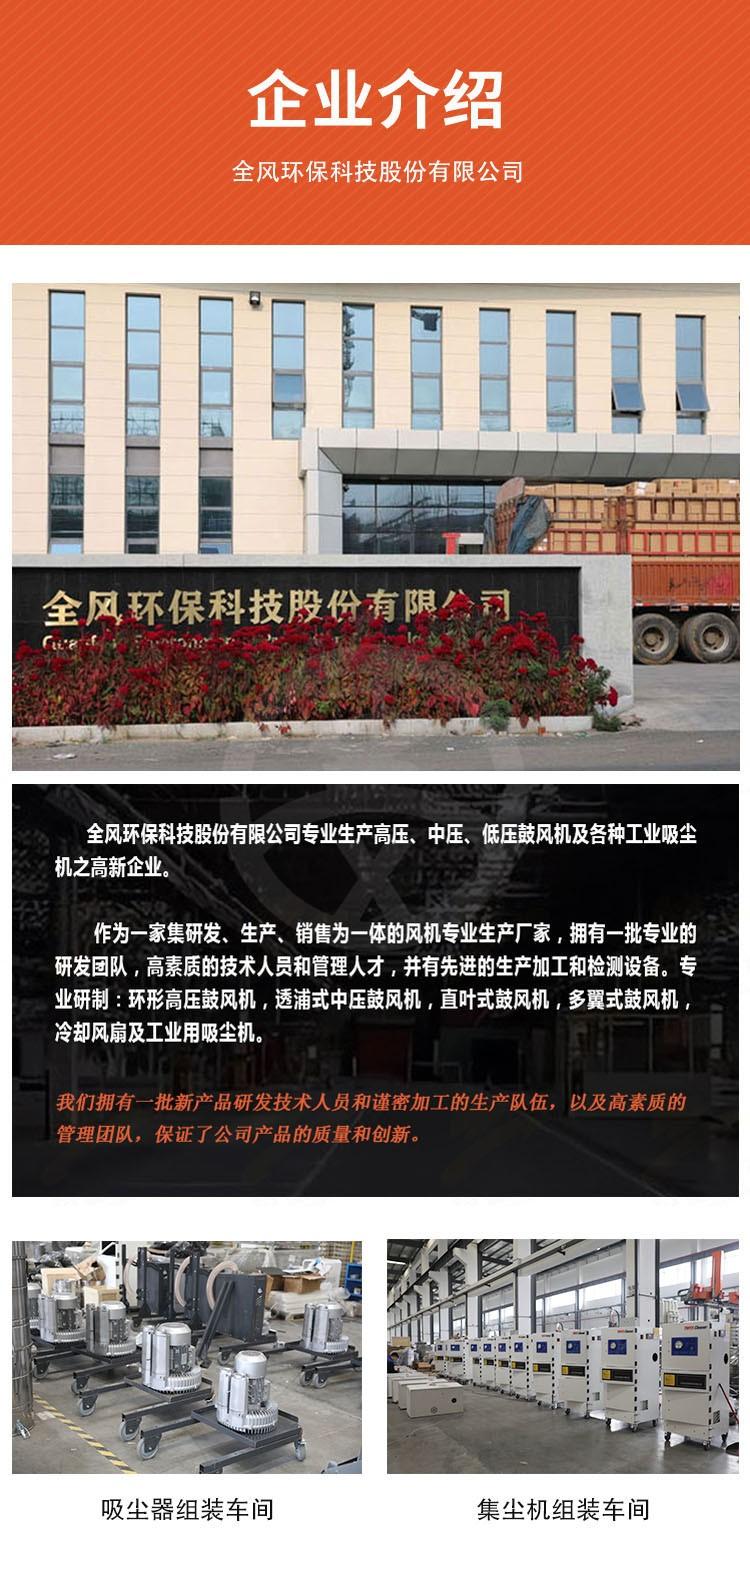 工业吸尘器-详情页14.jpg